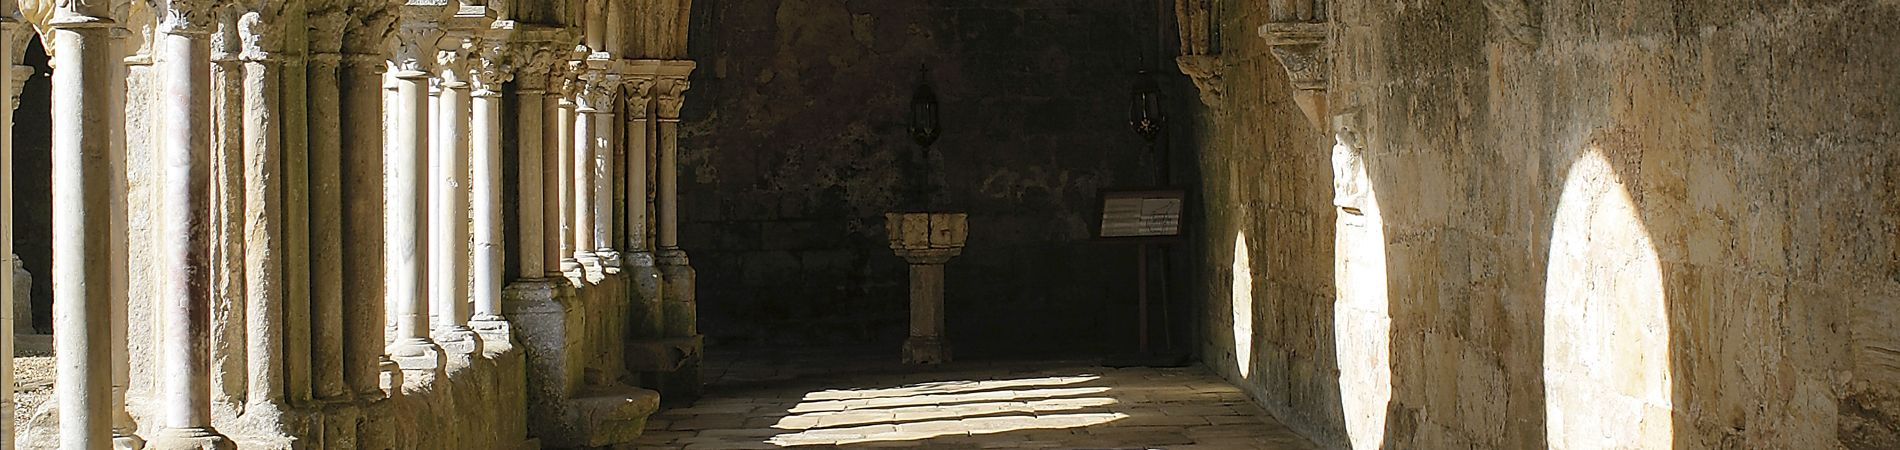 L'intérieur de l'abbaye de Fontfroide